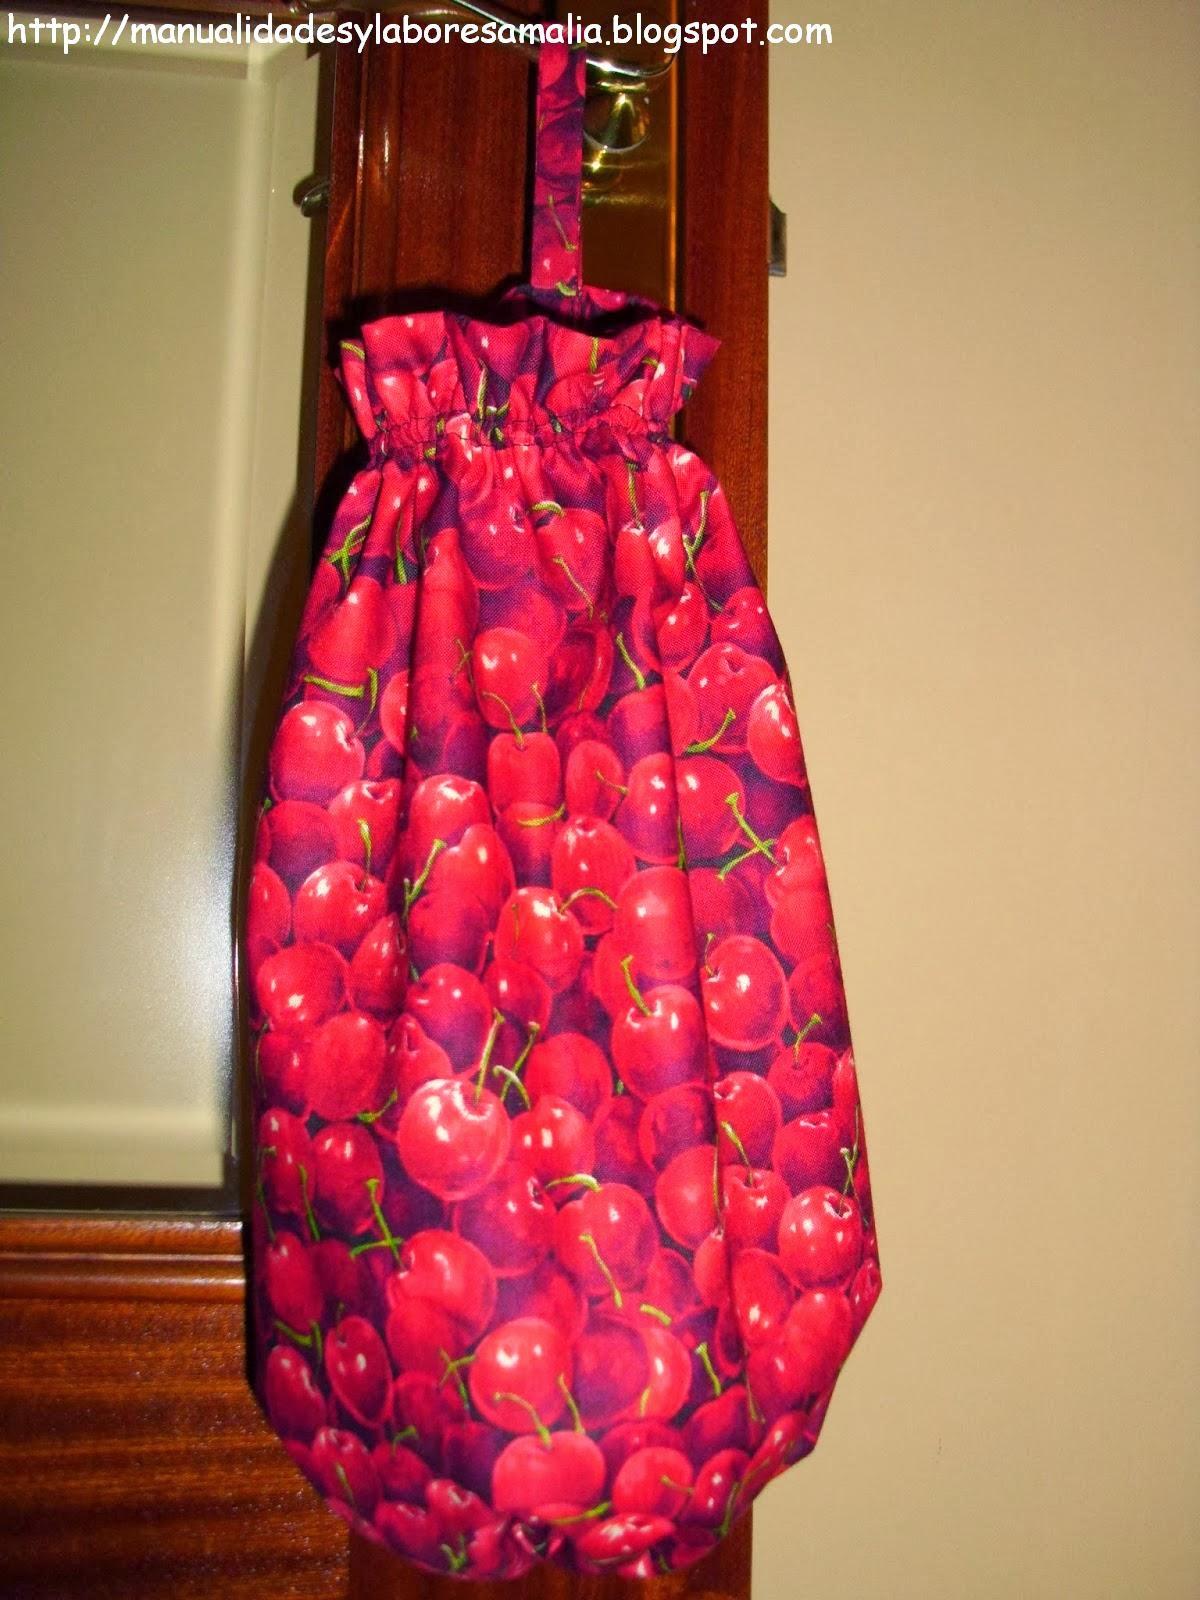 Bolsas de tela manualidades practicas mixelock - Bolsas de tela manualidades ...